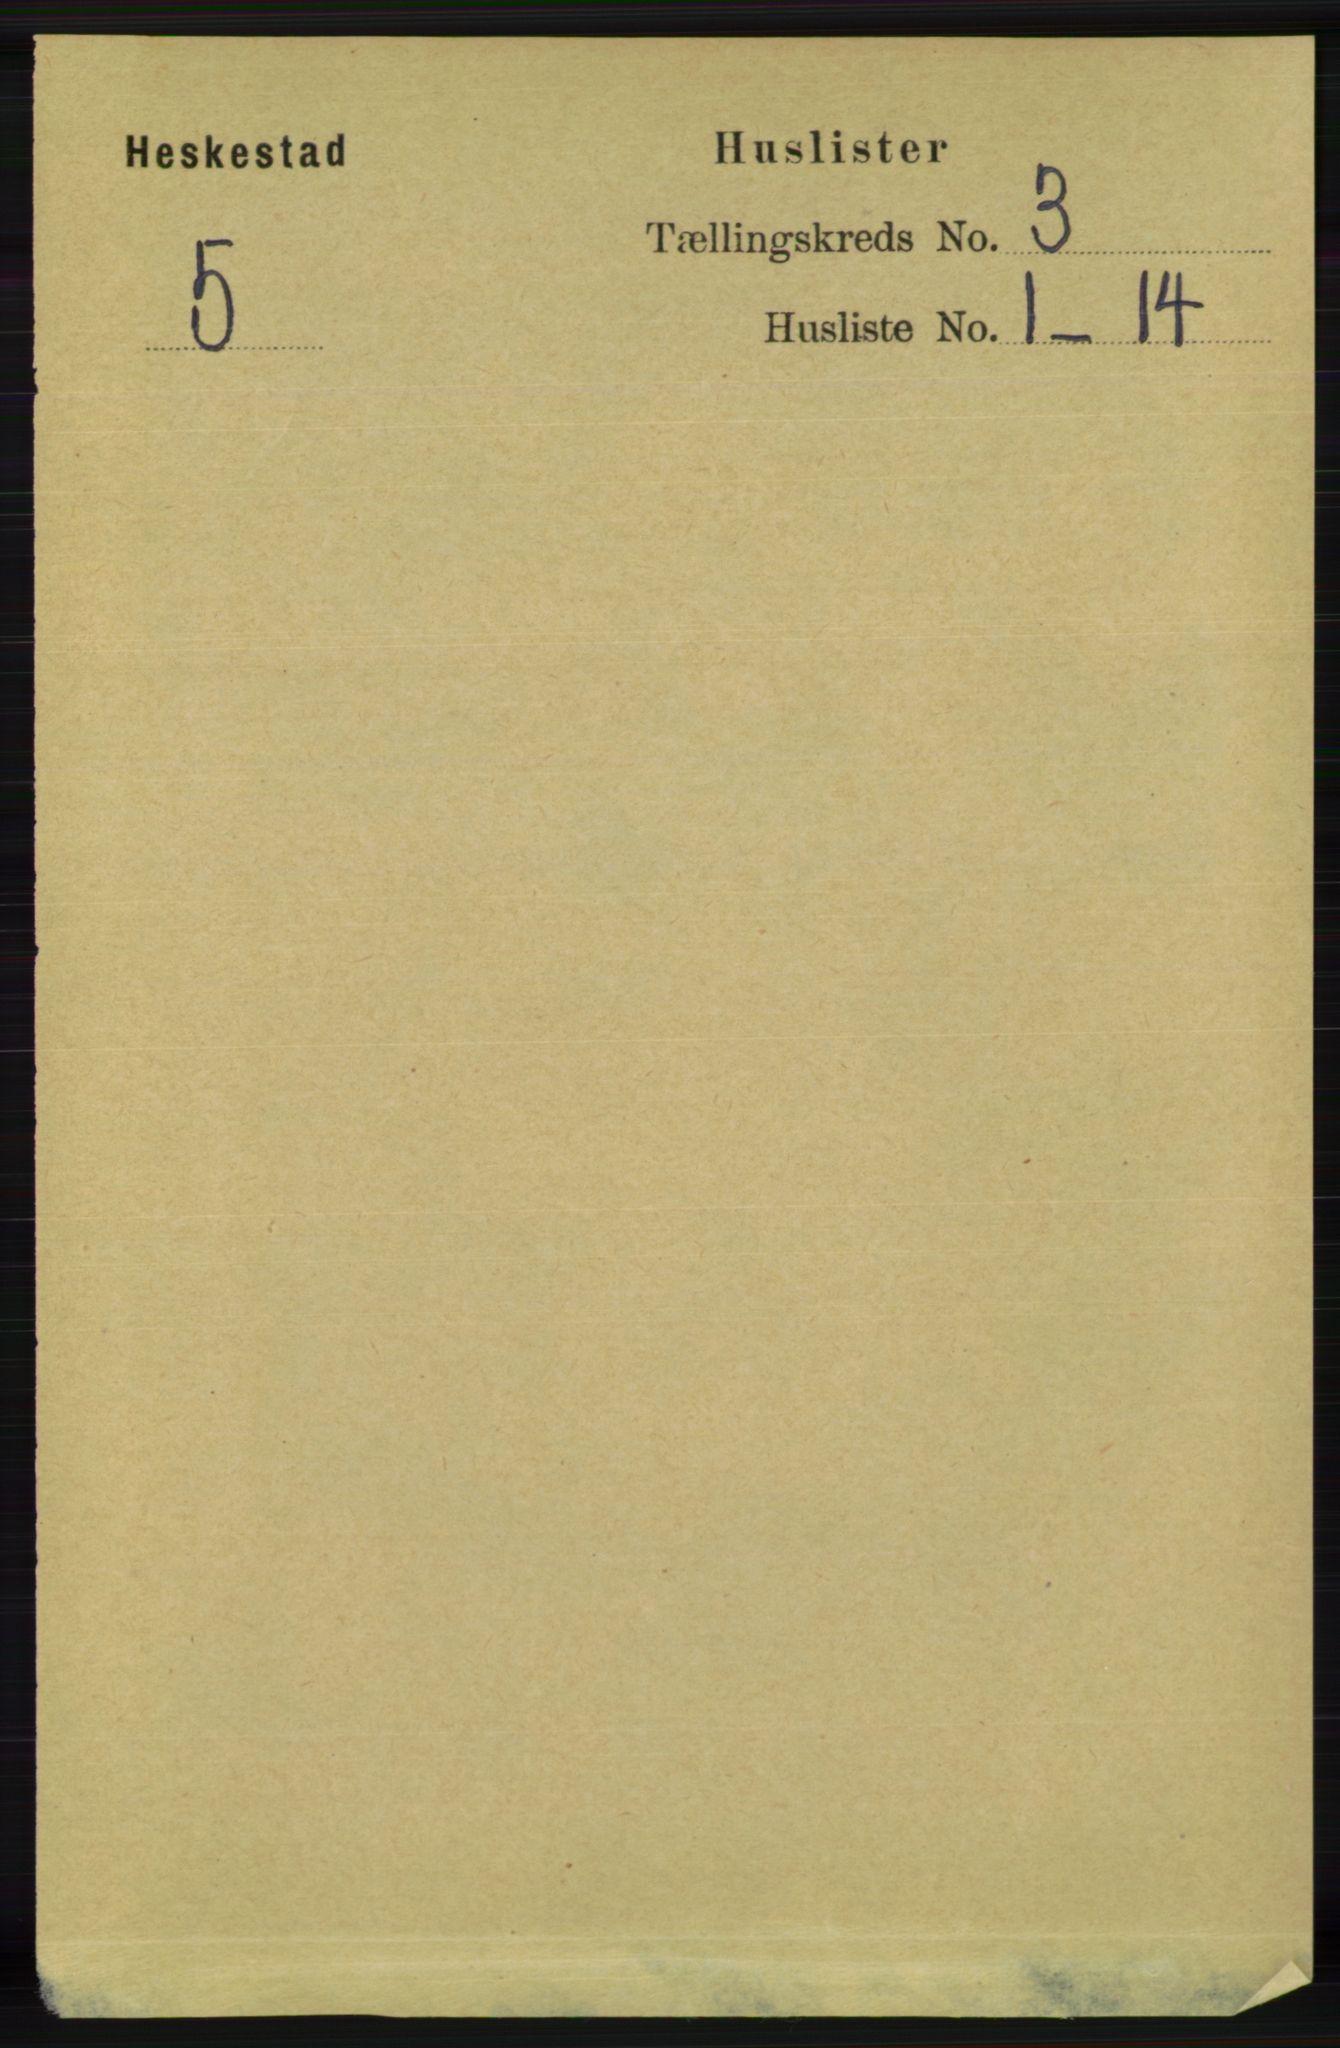 RA, Folketelling 1891 for 1113 Heskestad herred, 1891, s. 391